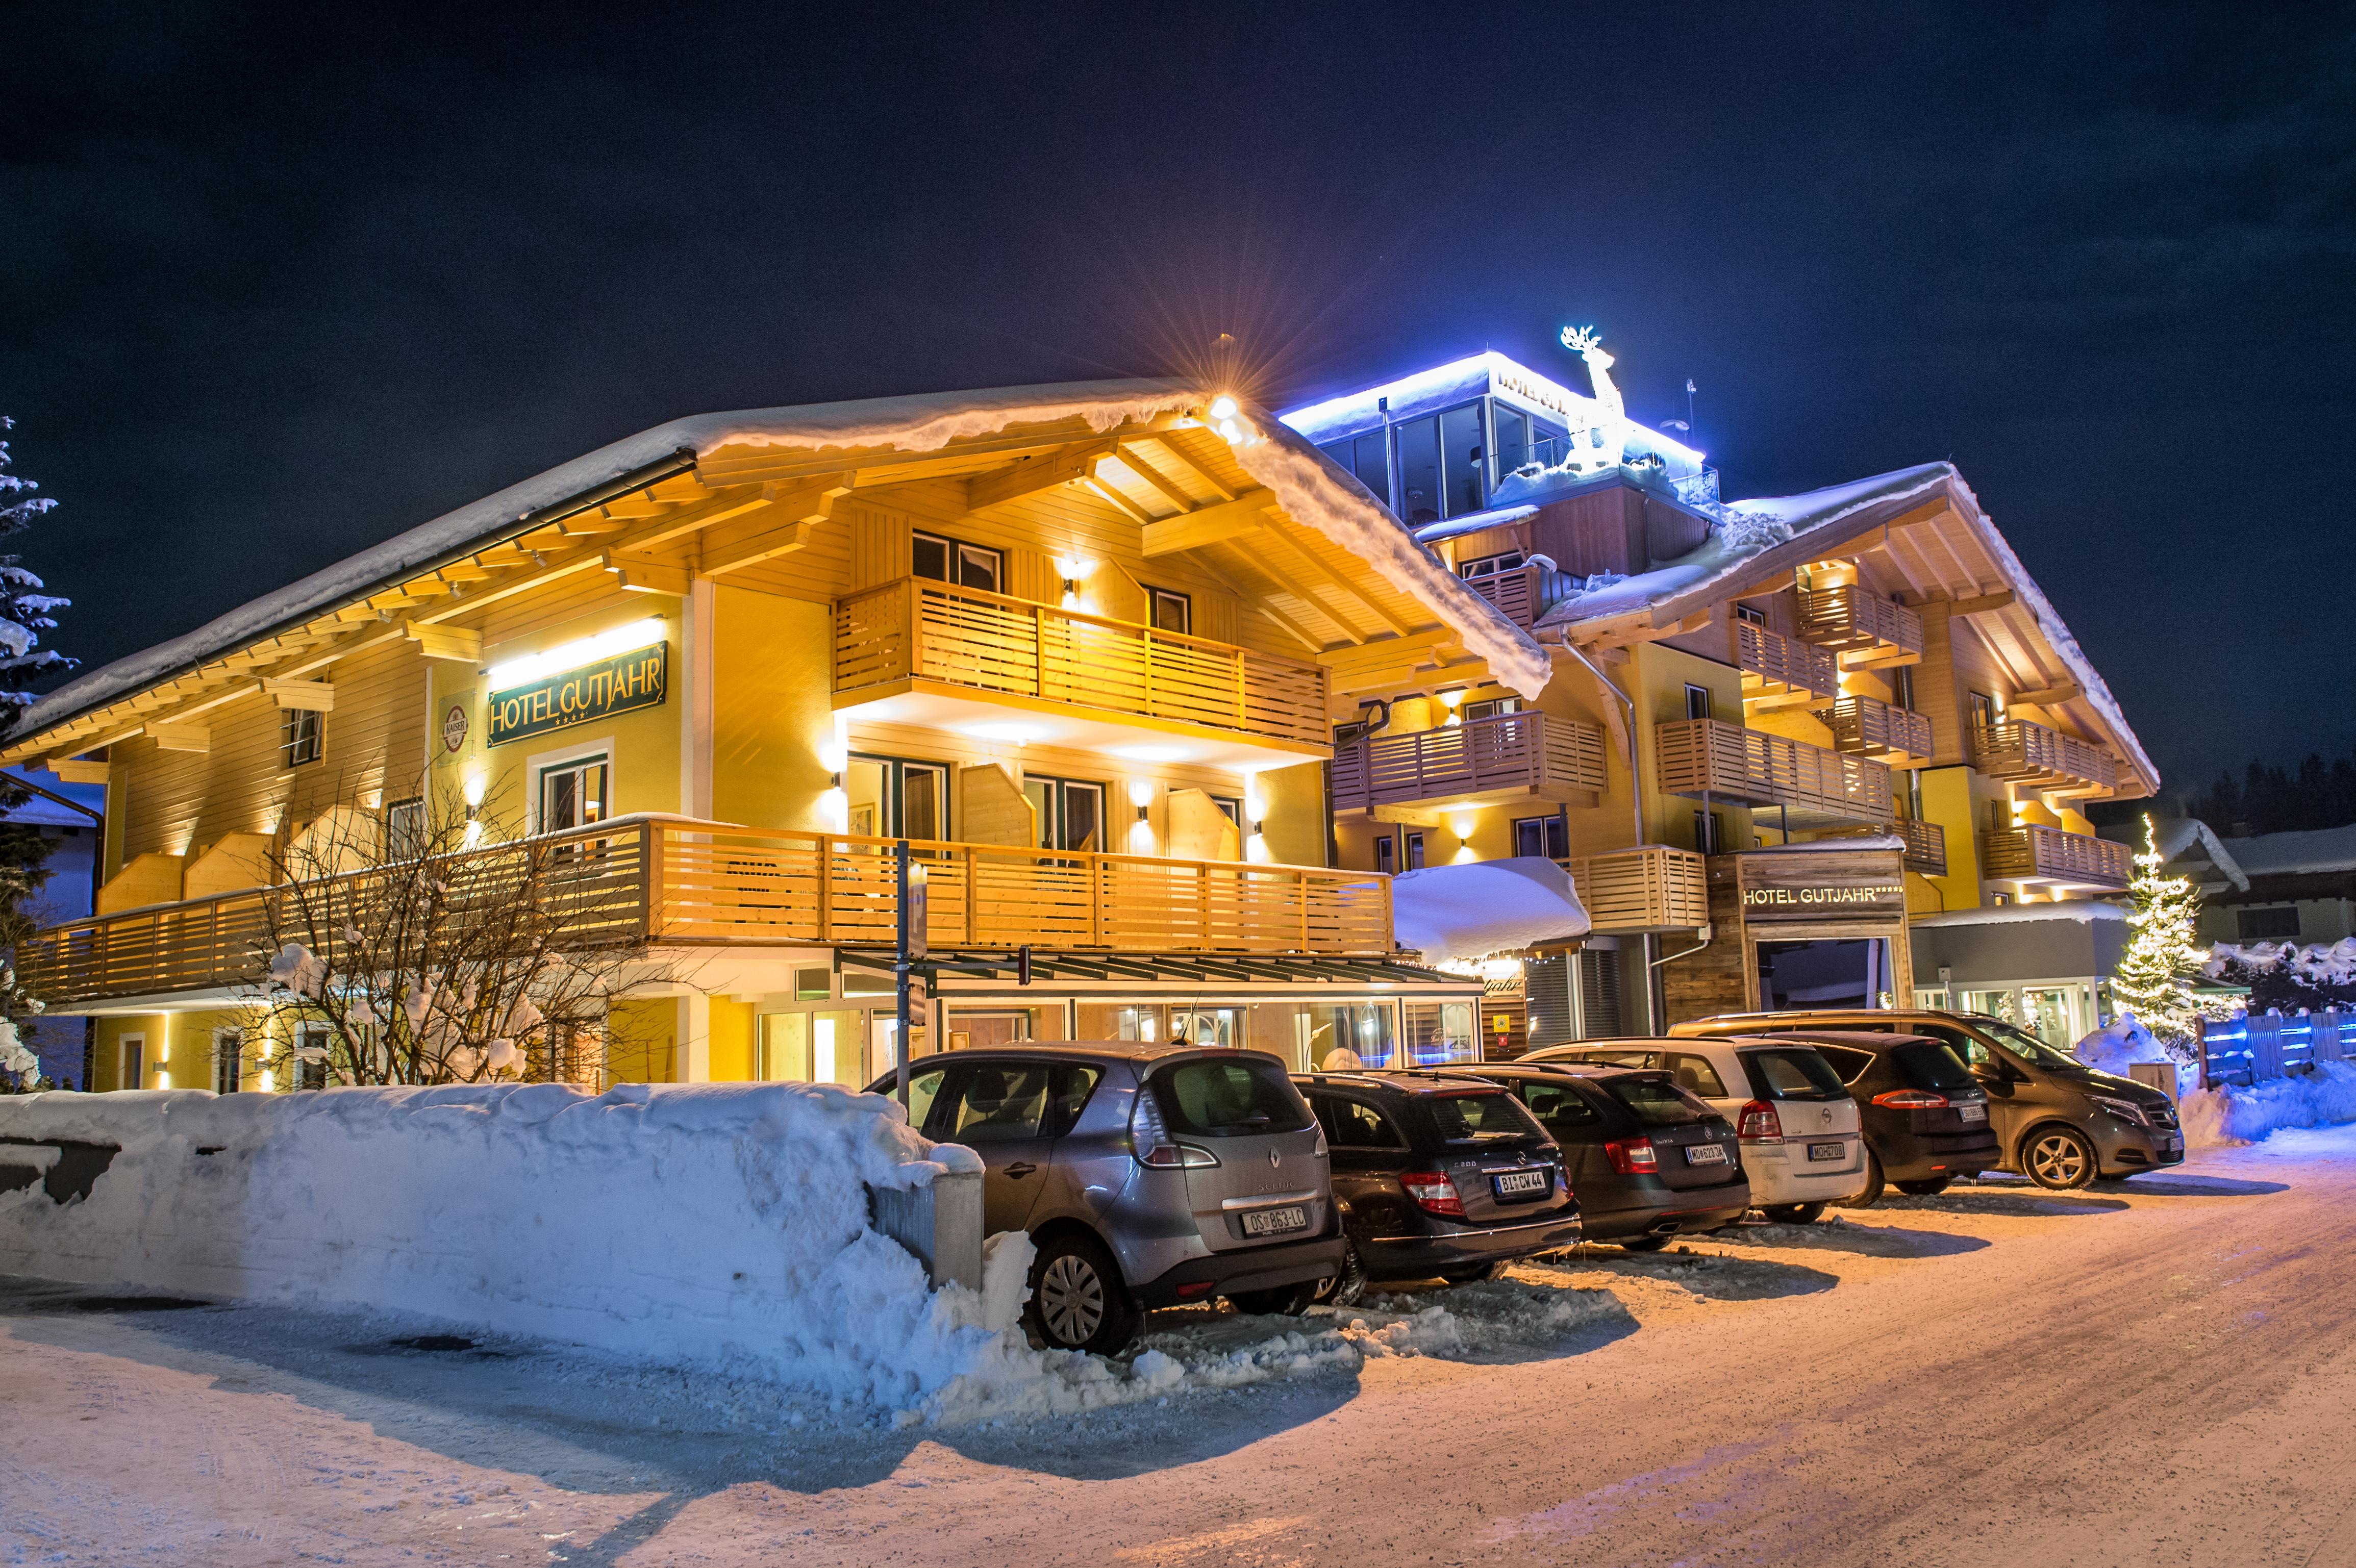 Hotel gutjahr in abtenau holidaycheck salzburger land for Design hotel niedersachsen